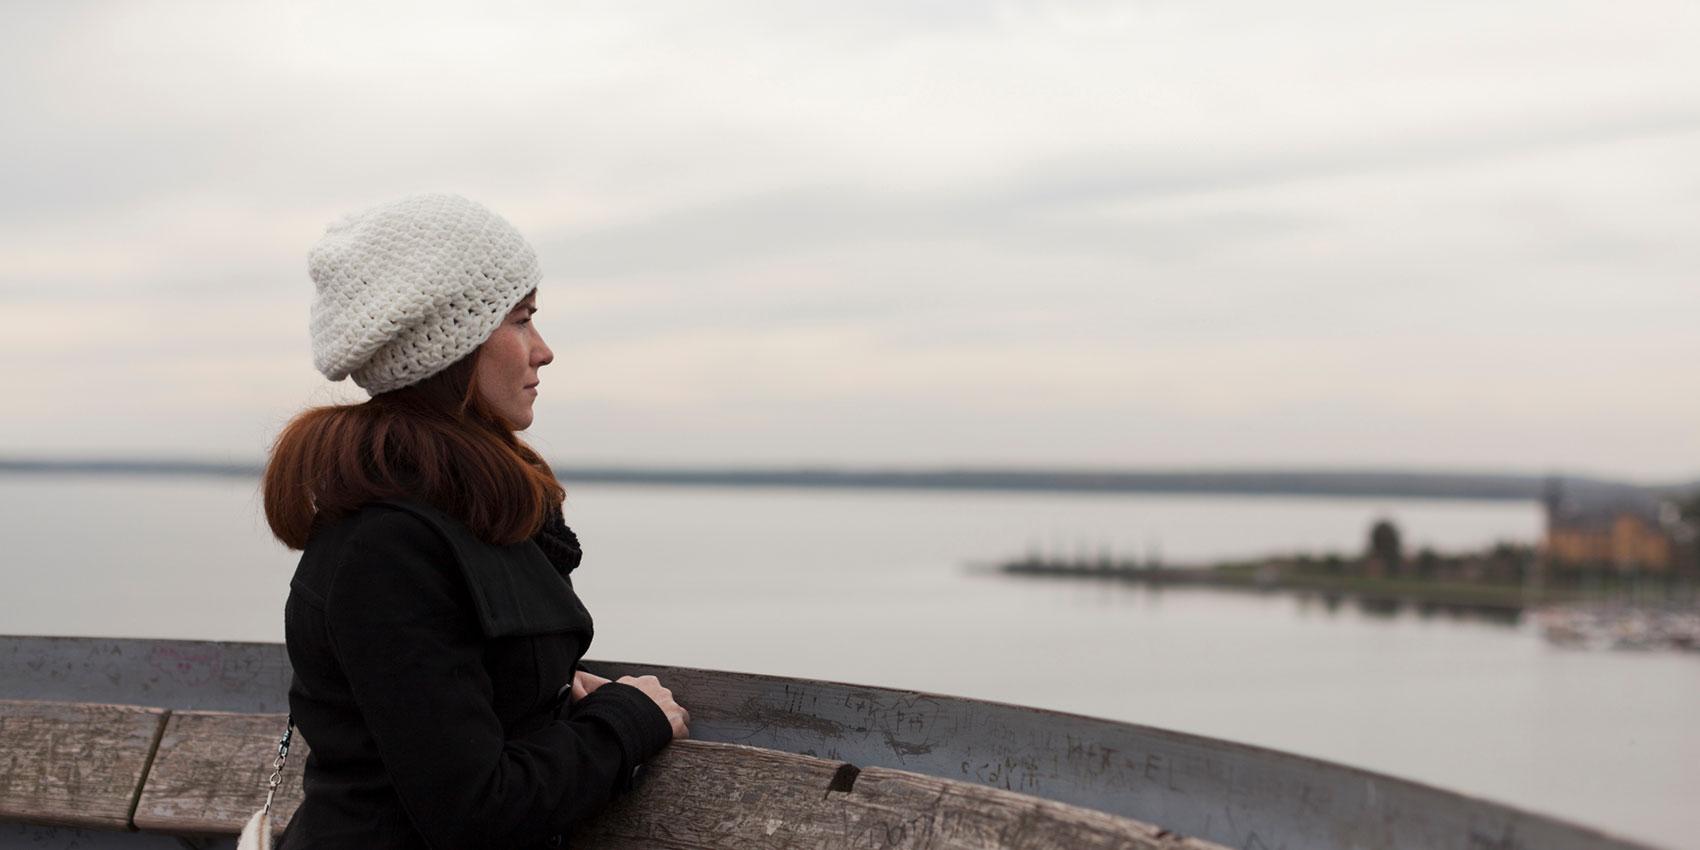 woman overlooking water